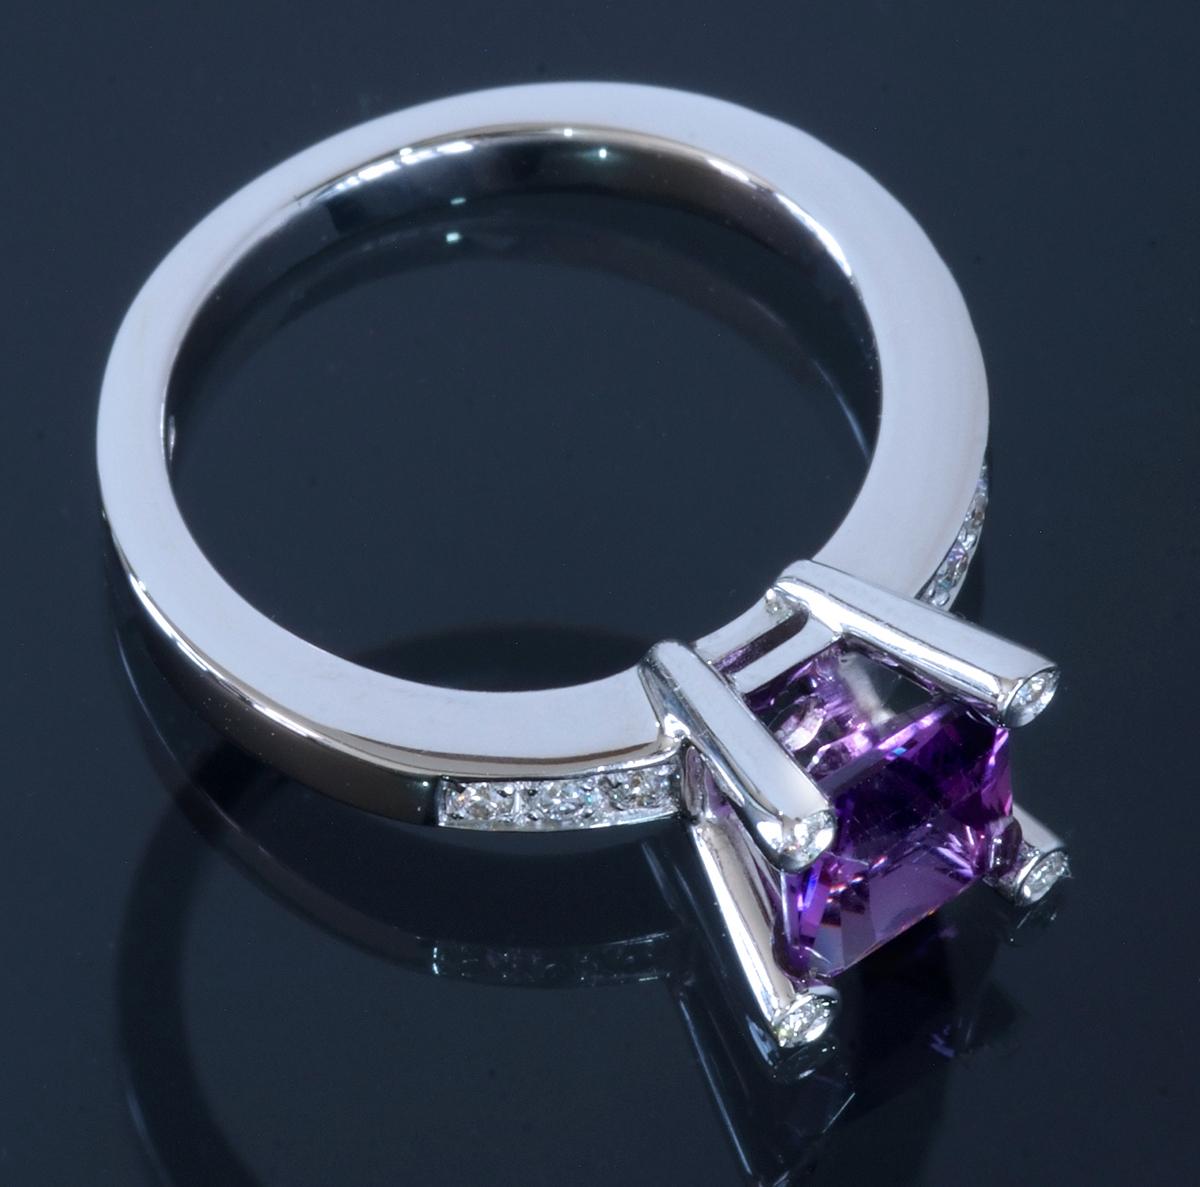 E8656【ANTONINI】アントニーニ アメジスト 天然絶品ダイヤモンド 最高級18金WG無垢リング S9.5号 重量4.95g 縦幅8.1mm【買取&下取可能】_画像2